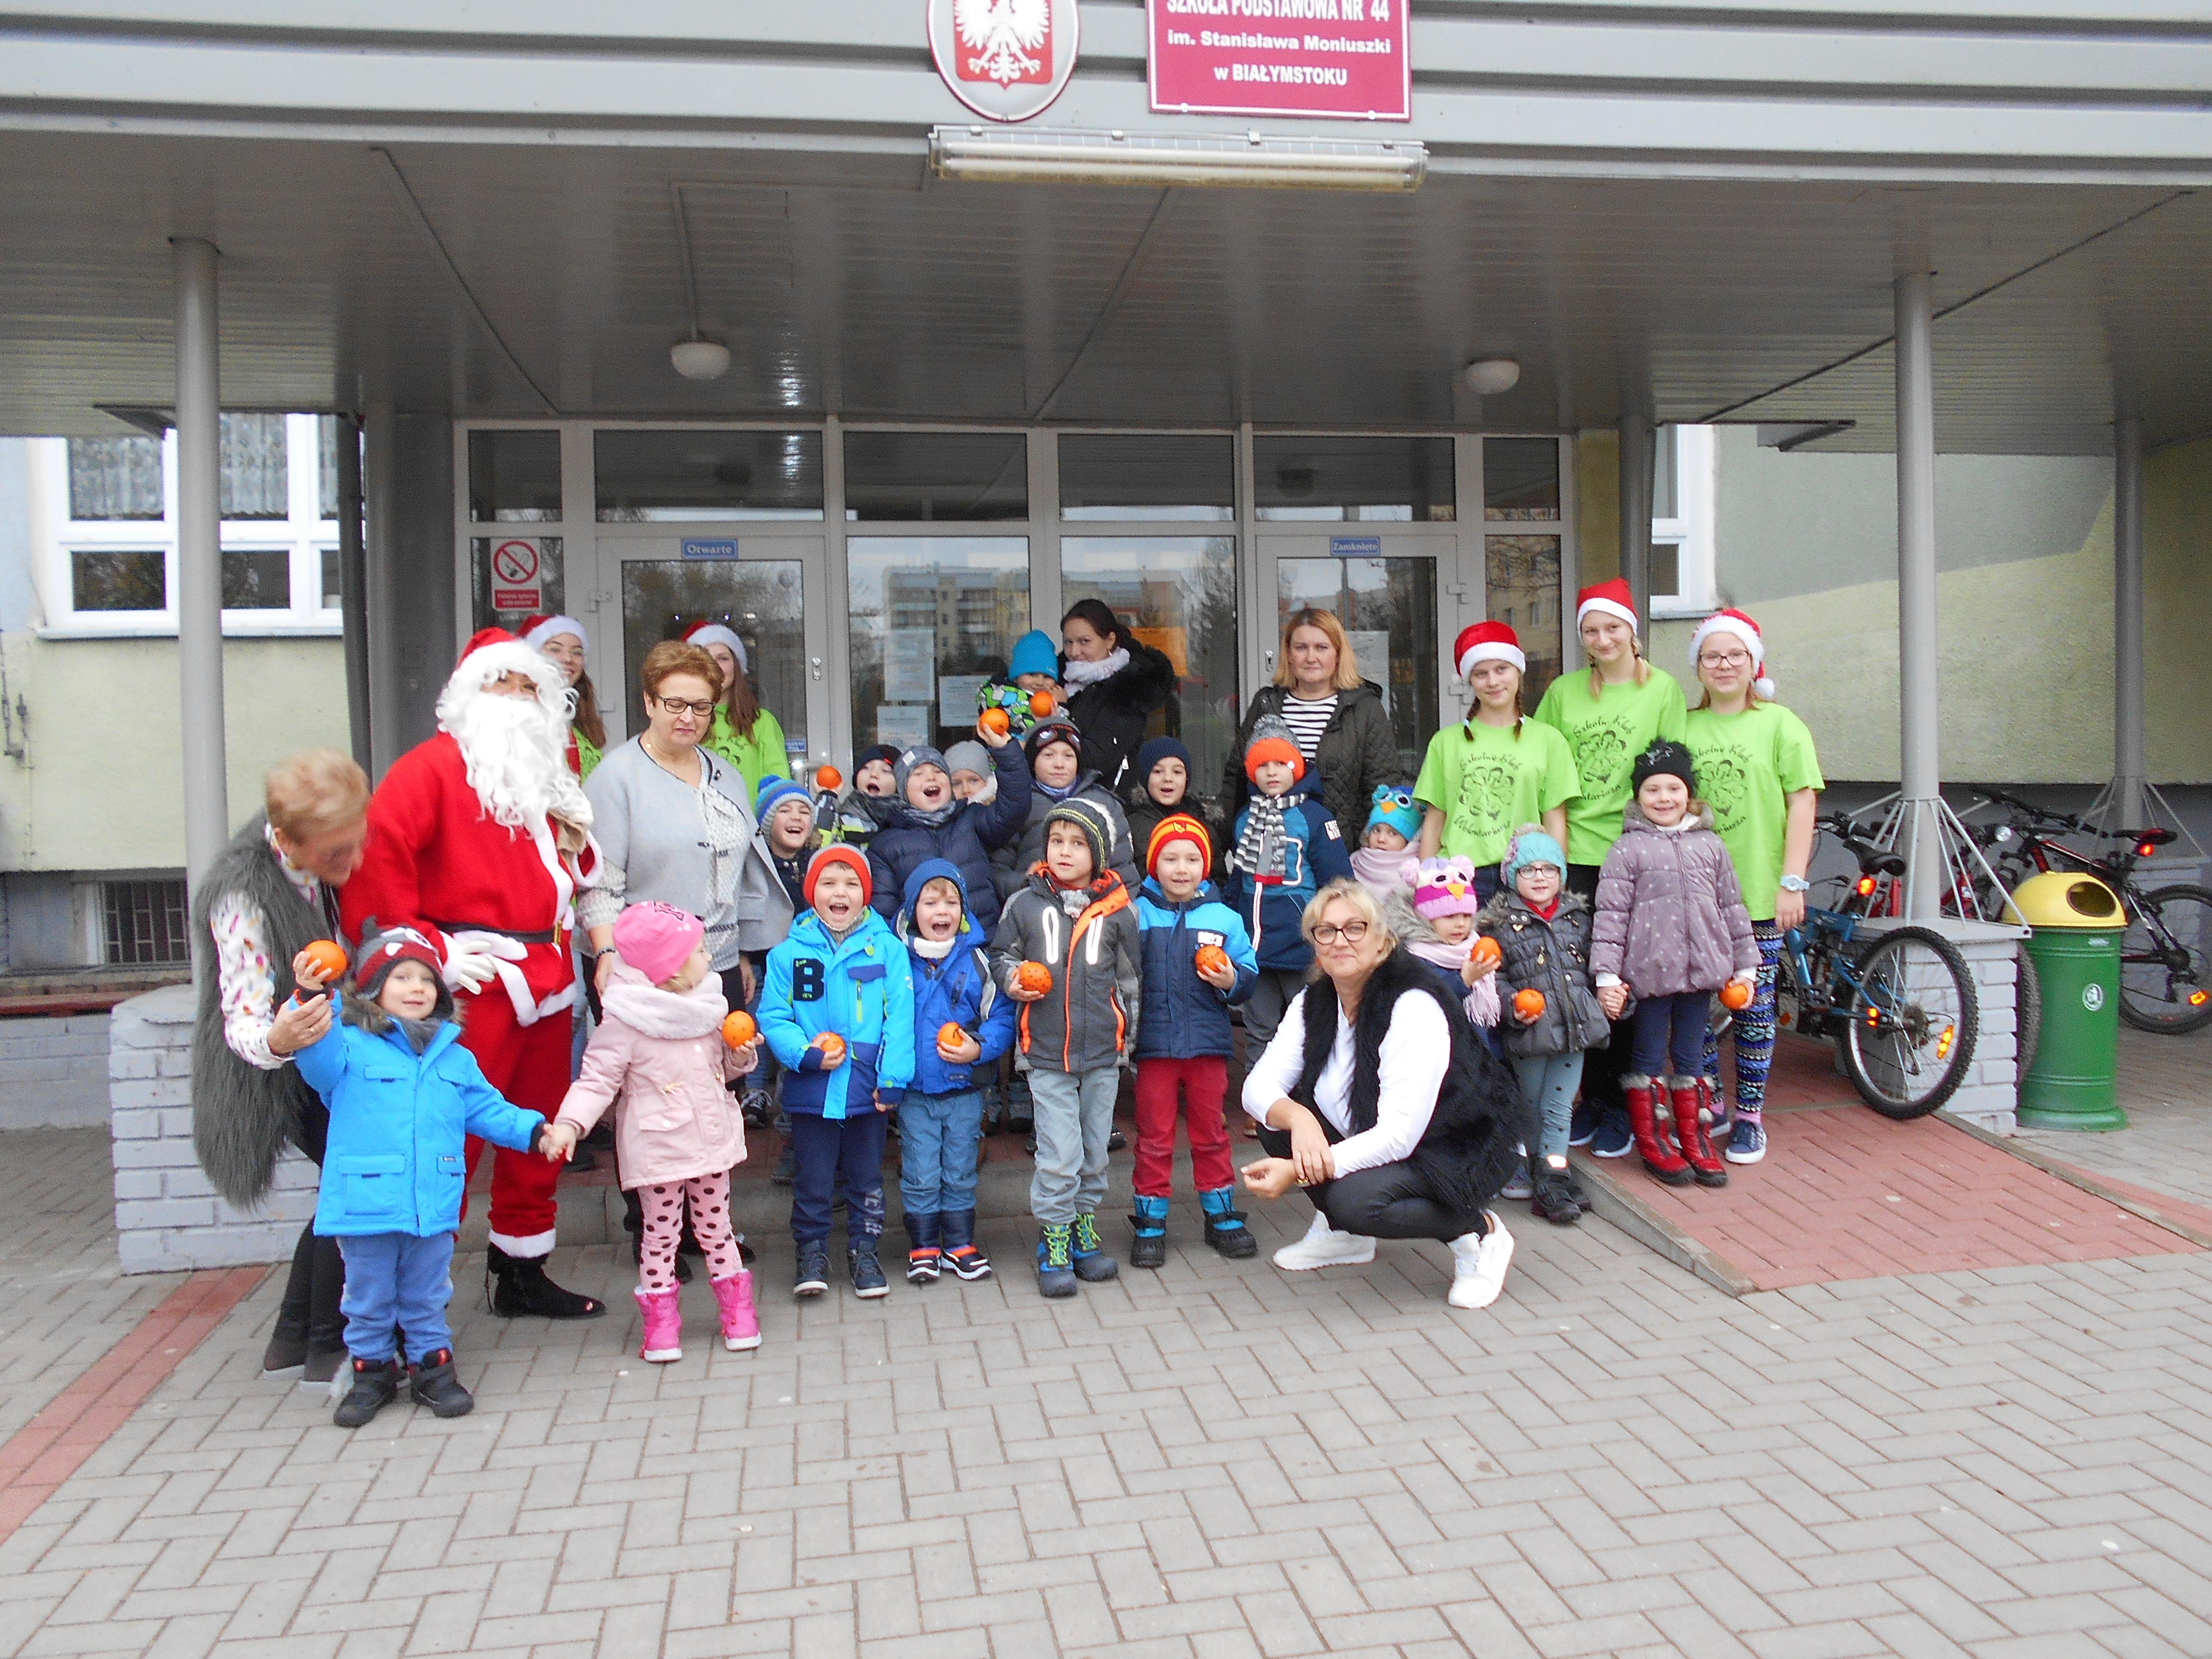 Wyjazd grupy VII do Szkoły Podstawowej nr 44 w Białymstoku